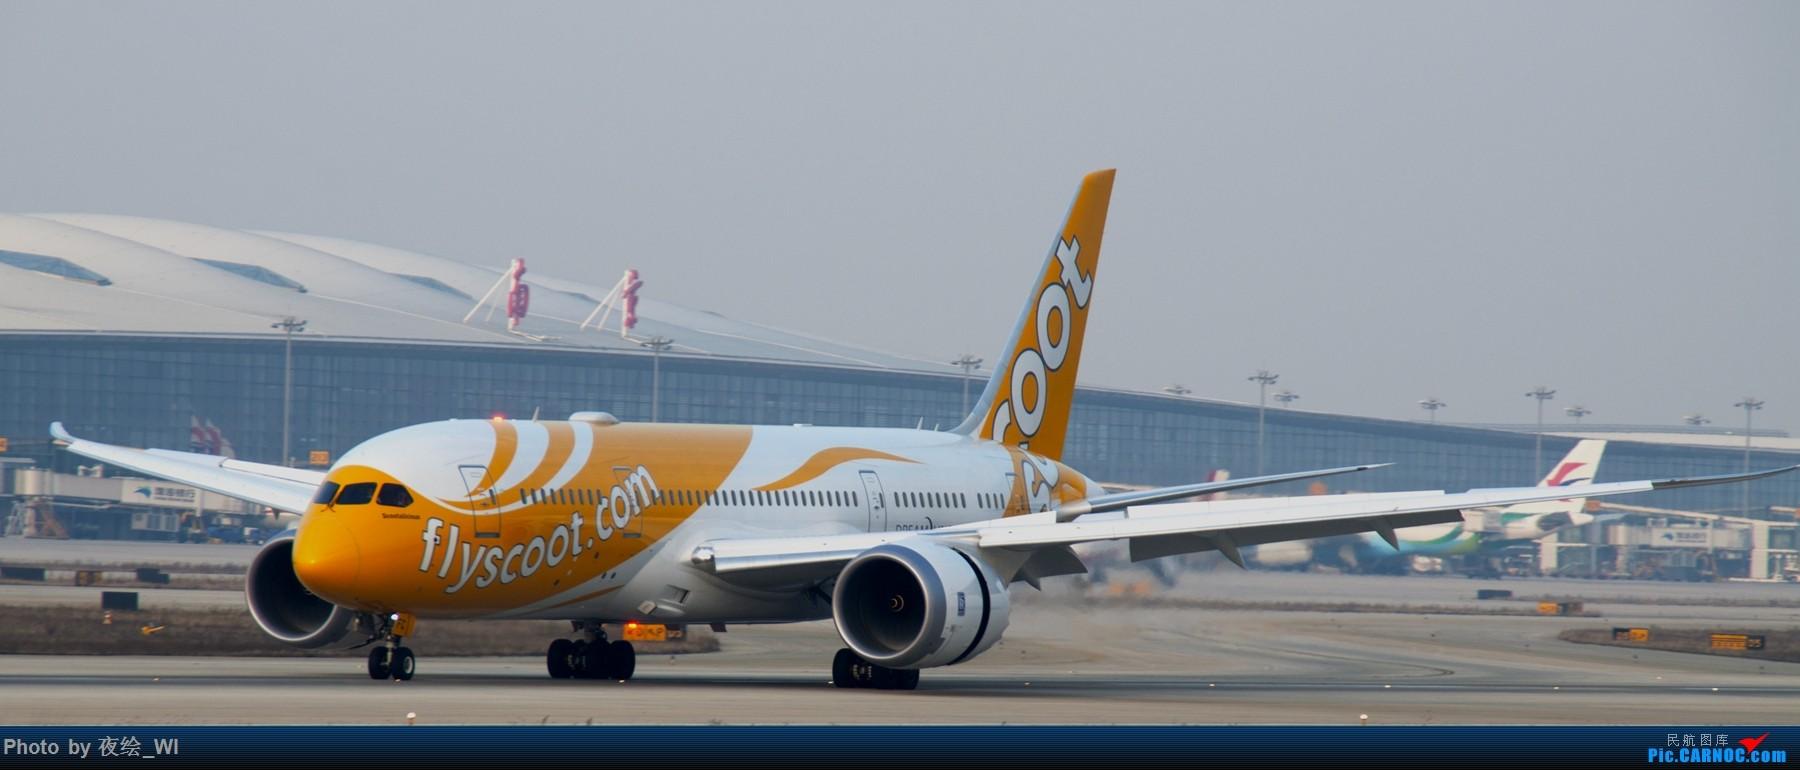 Re:[原创]NKG,2016新年第一拍,邮航734及众多彩绘 BOEING 787-8 9V-OFC 中国南京禄口国际机场